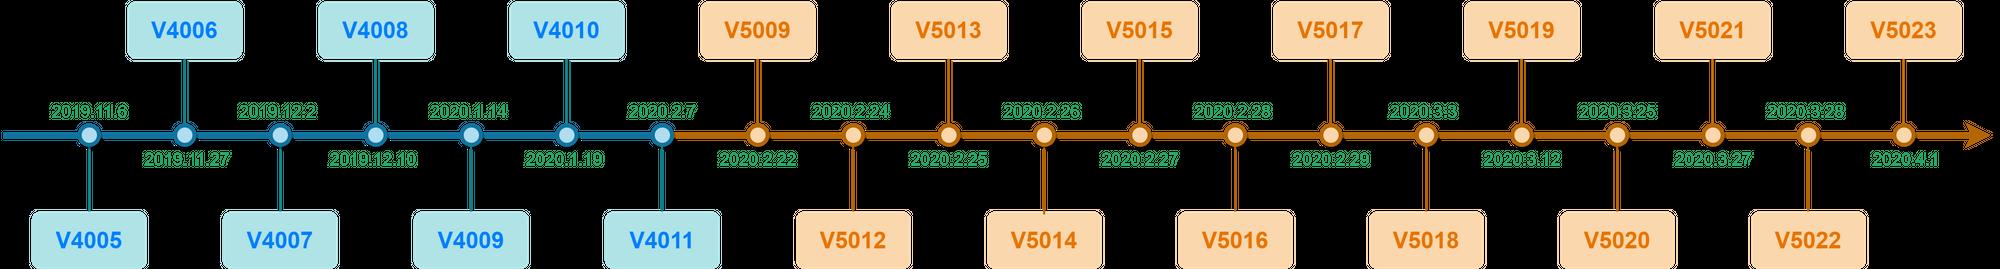 ddg_version_timeline-1.png